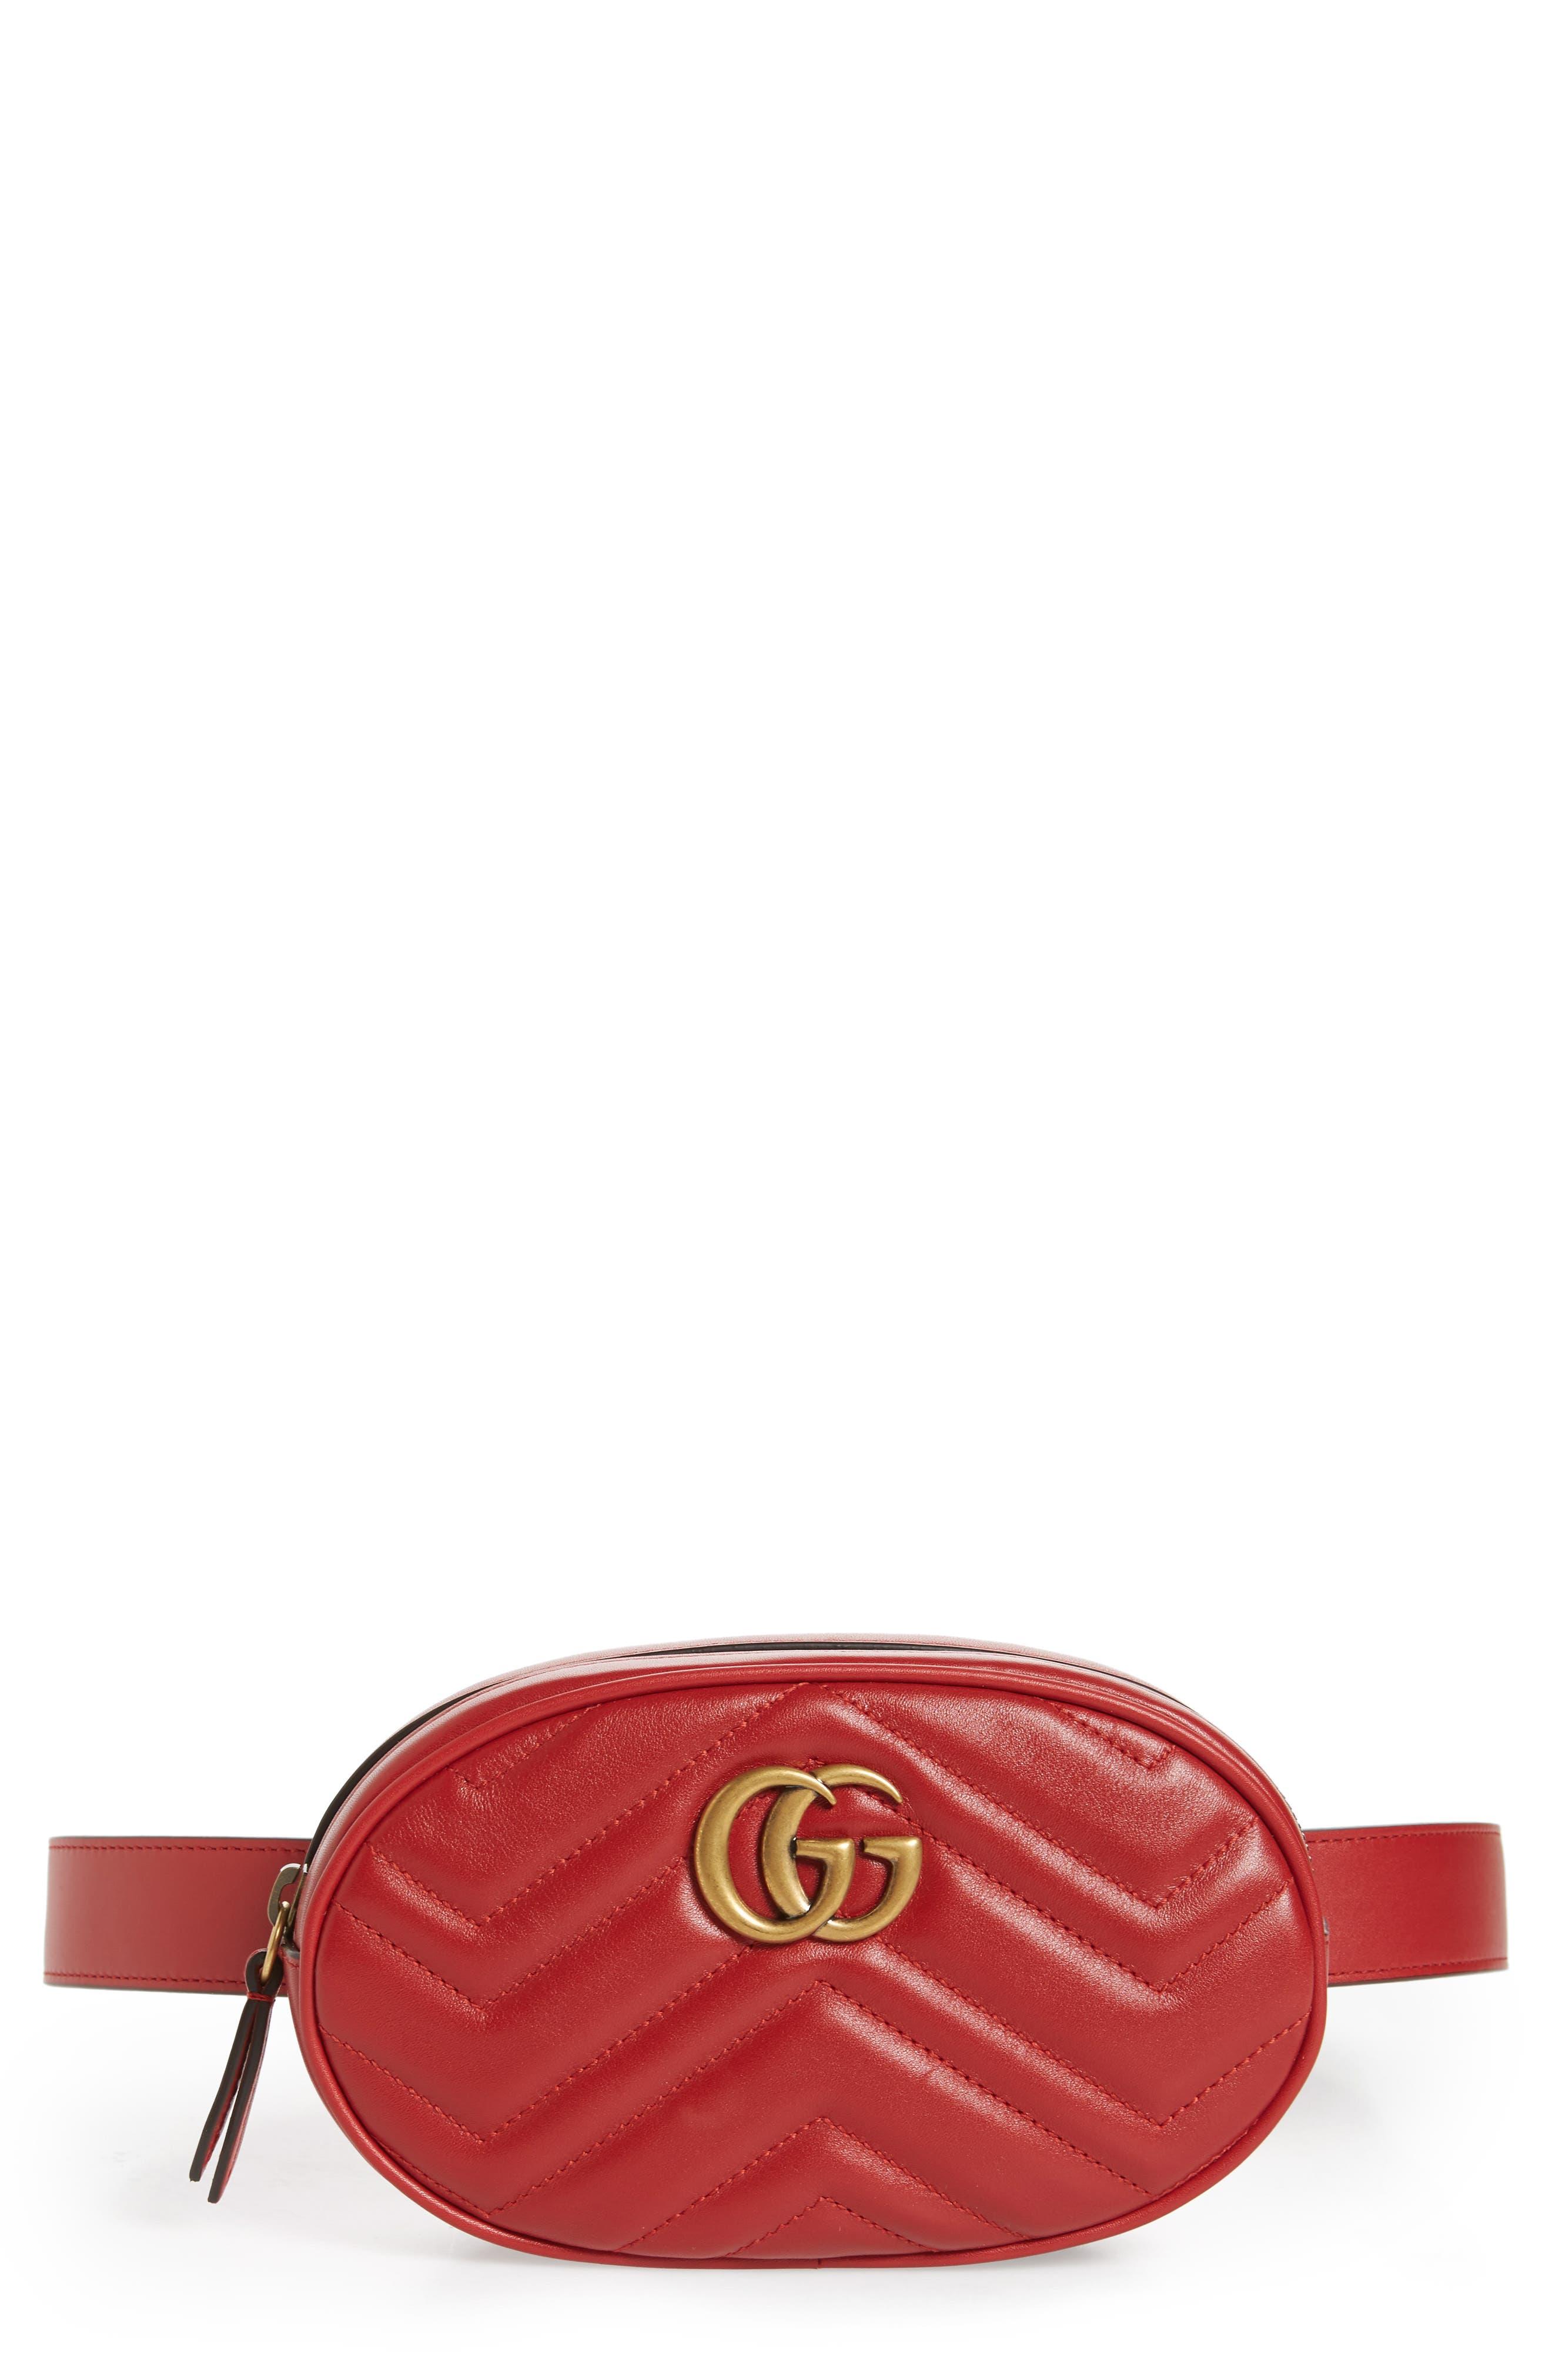 GG Marmont Matelassé Leather Belt Bag,                             Main thumbnail 1, color,                             625